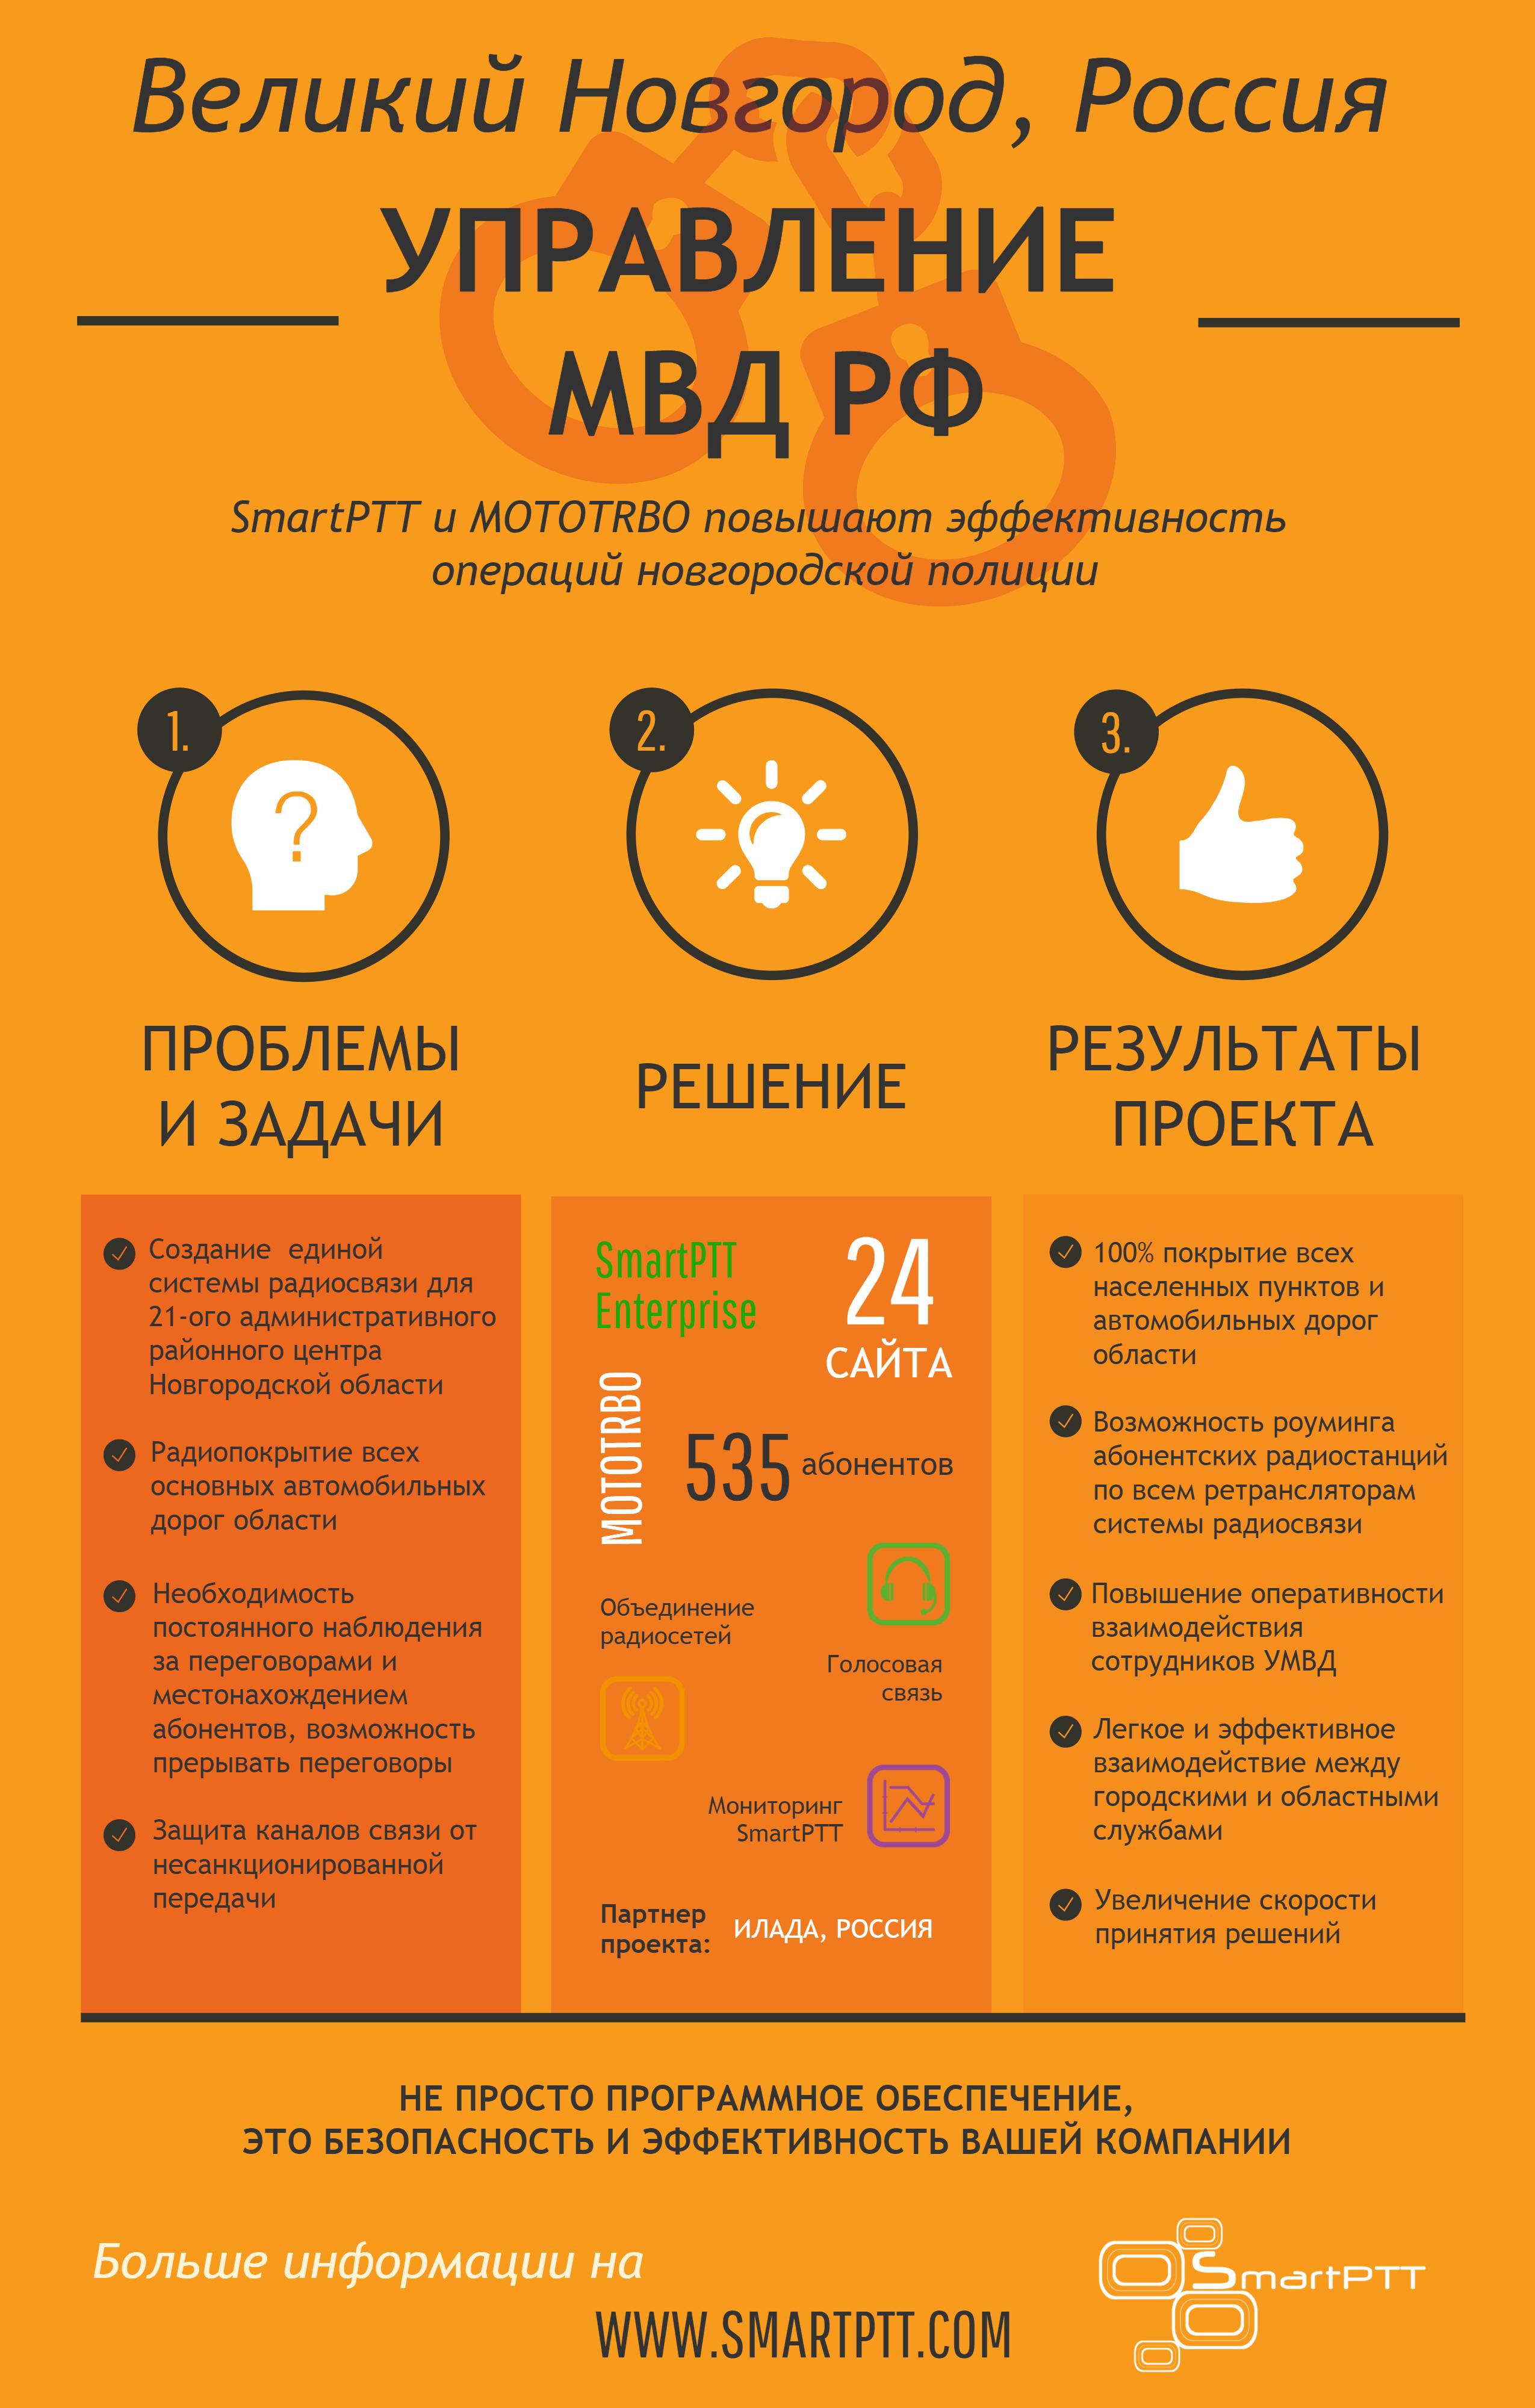 SmartPTT для Управления МВД РФ в ВЕликом Новгороде